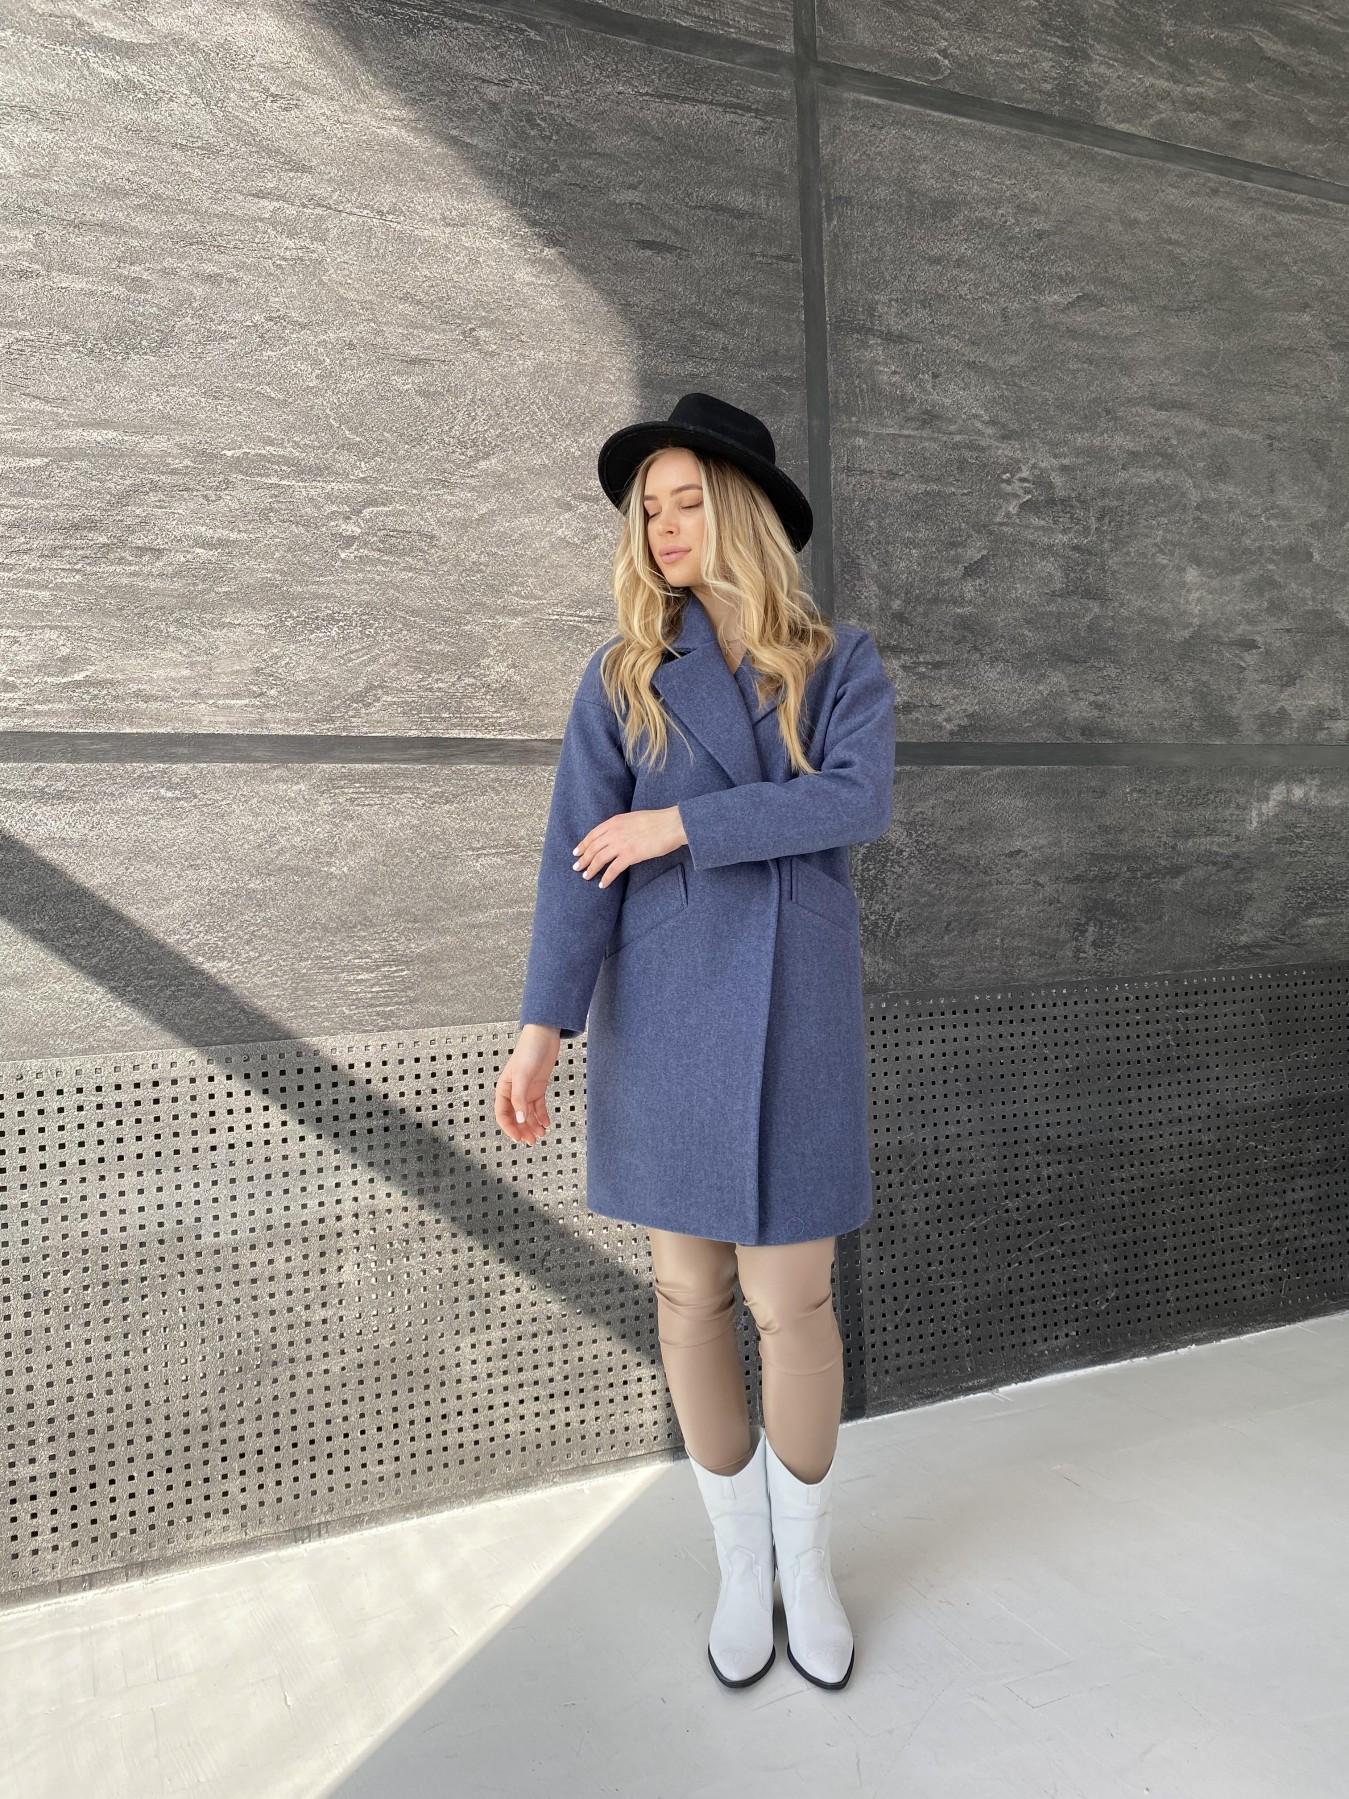 Сенсей пальто из кашемира меланж  10745 АРТ. 47228 Цвет: Джинс 57 - фото 3, интернет магазин tm-modus.ru